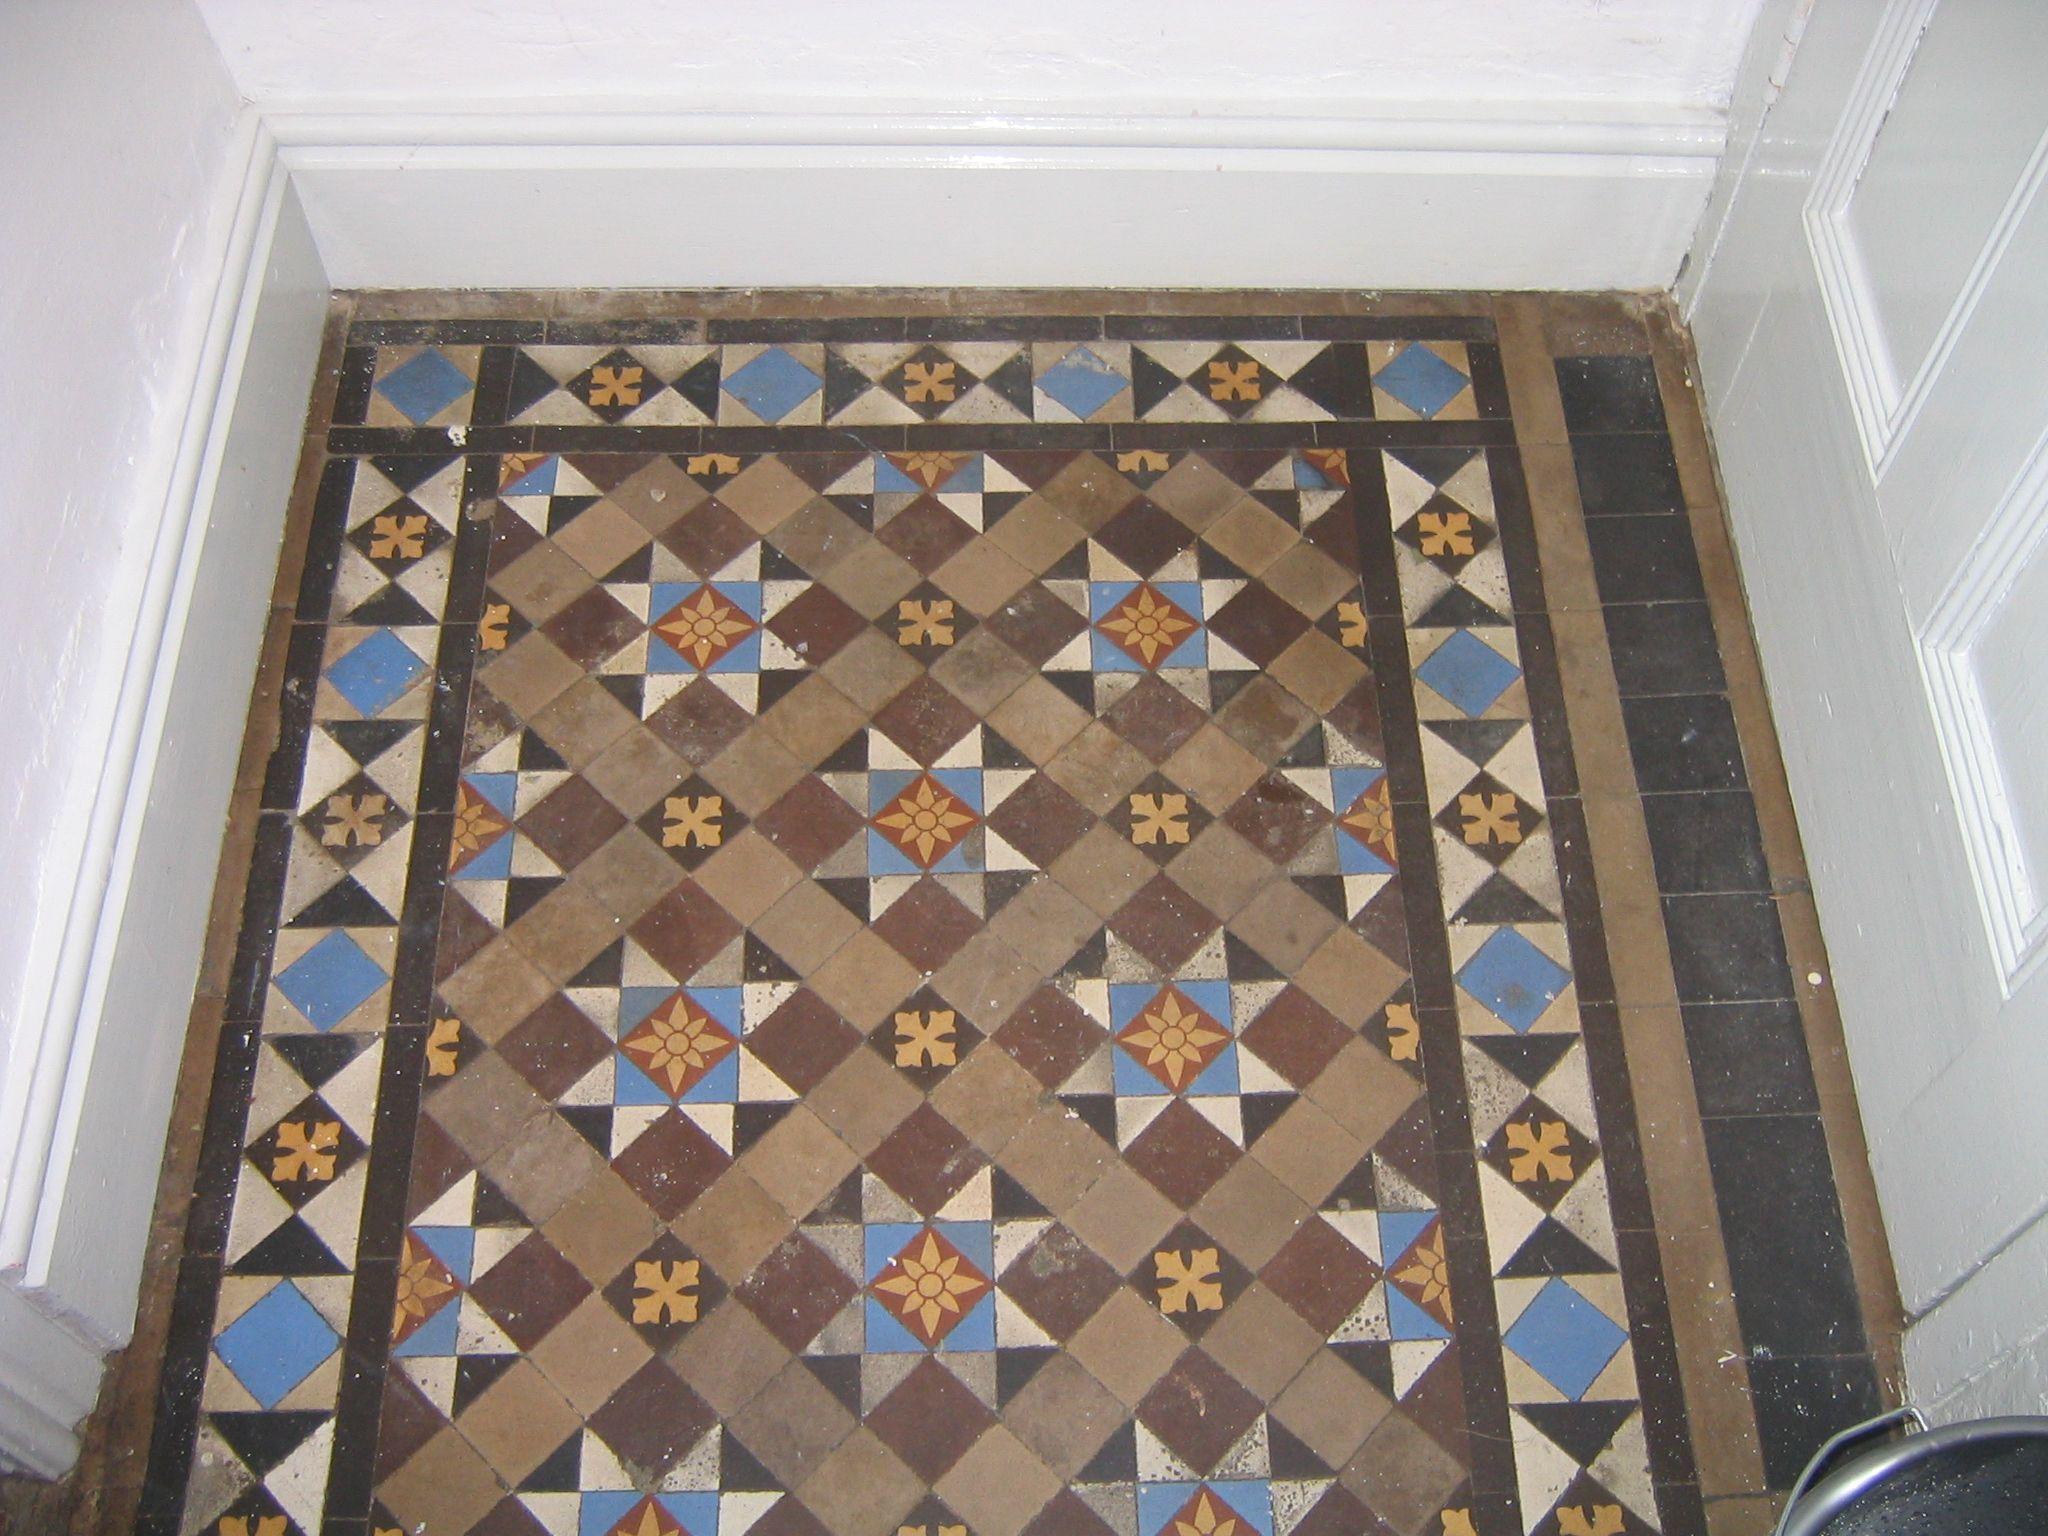 Minton Floor Tiles For Sale | Tile Design Ideas